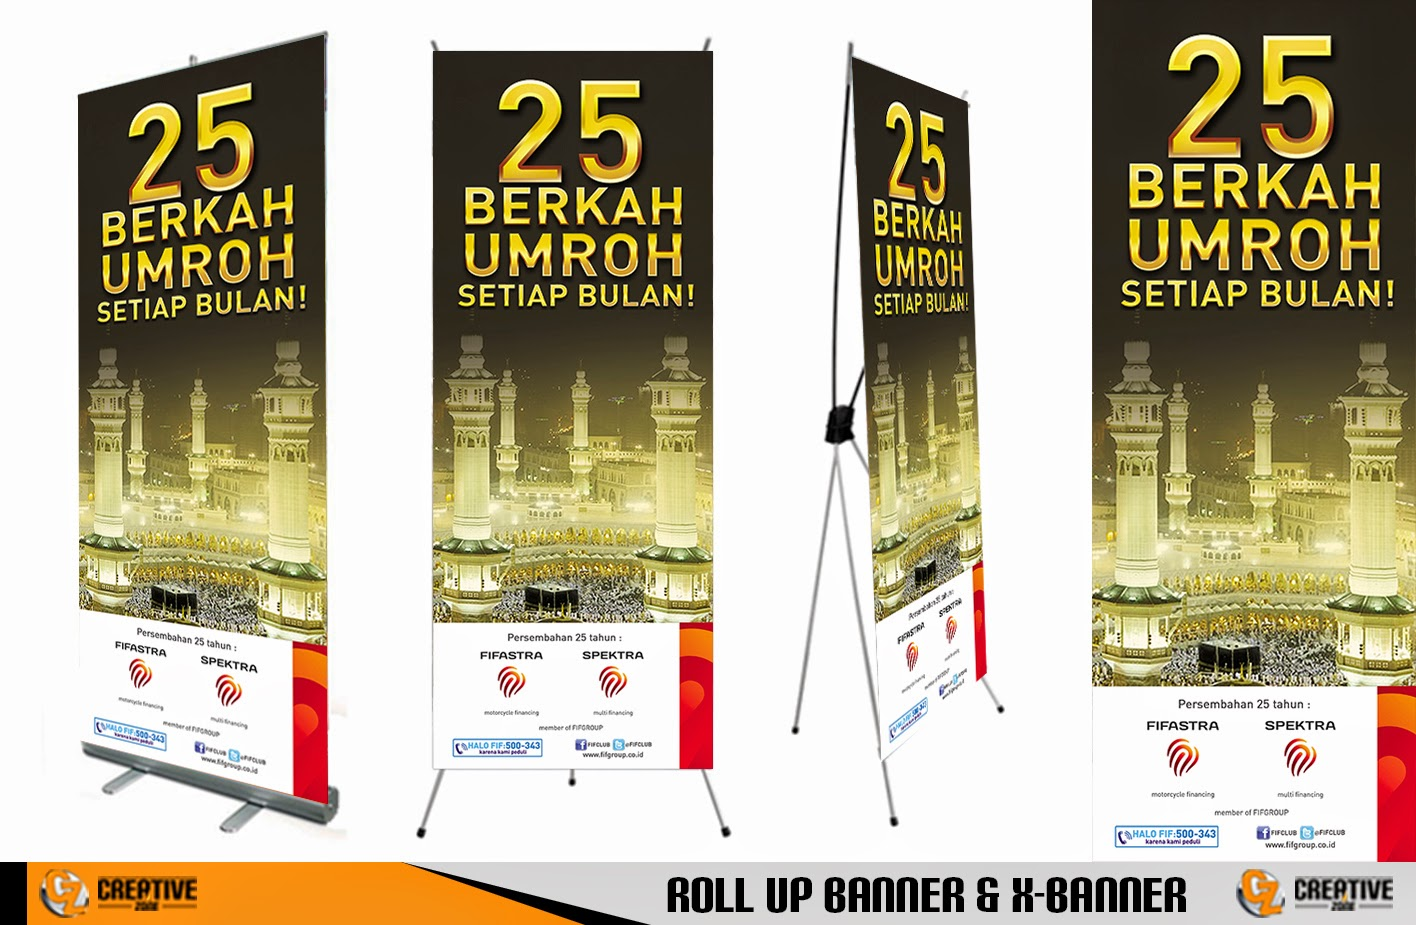 7 Contoh Desain Banner   Contoh Brosur, Contoh Spanduk